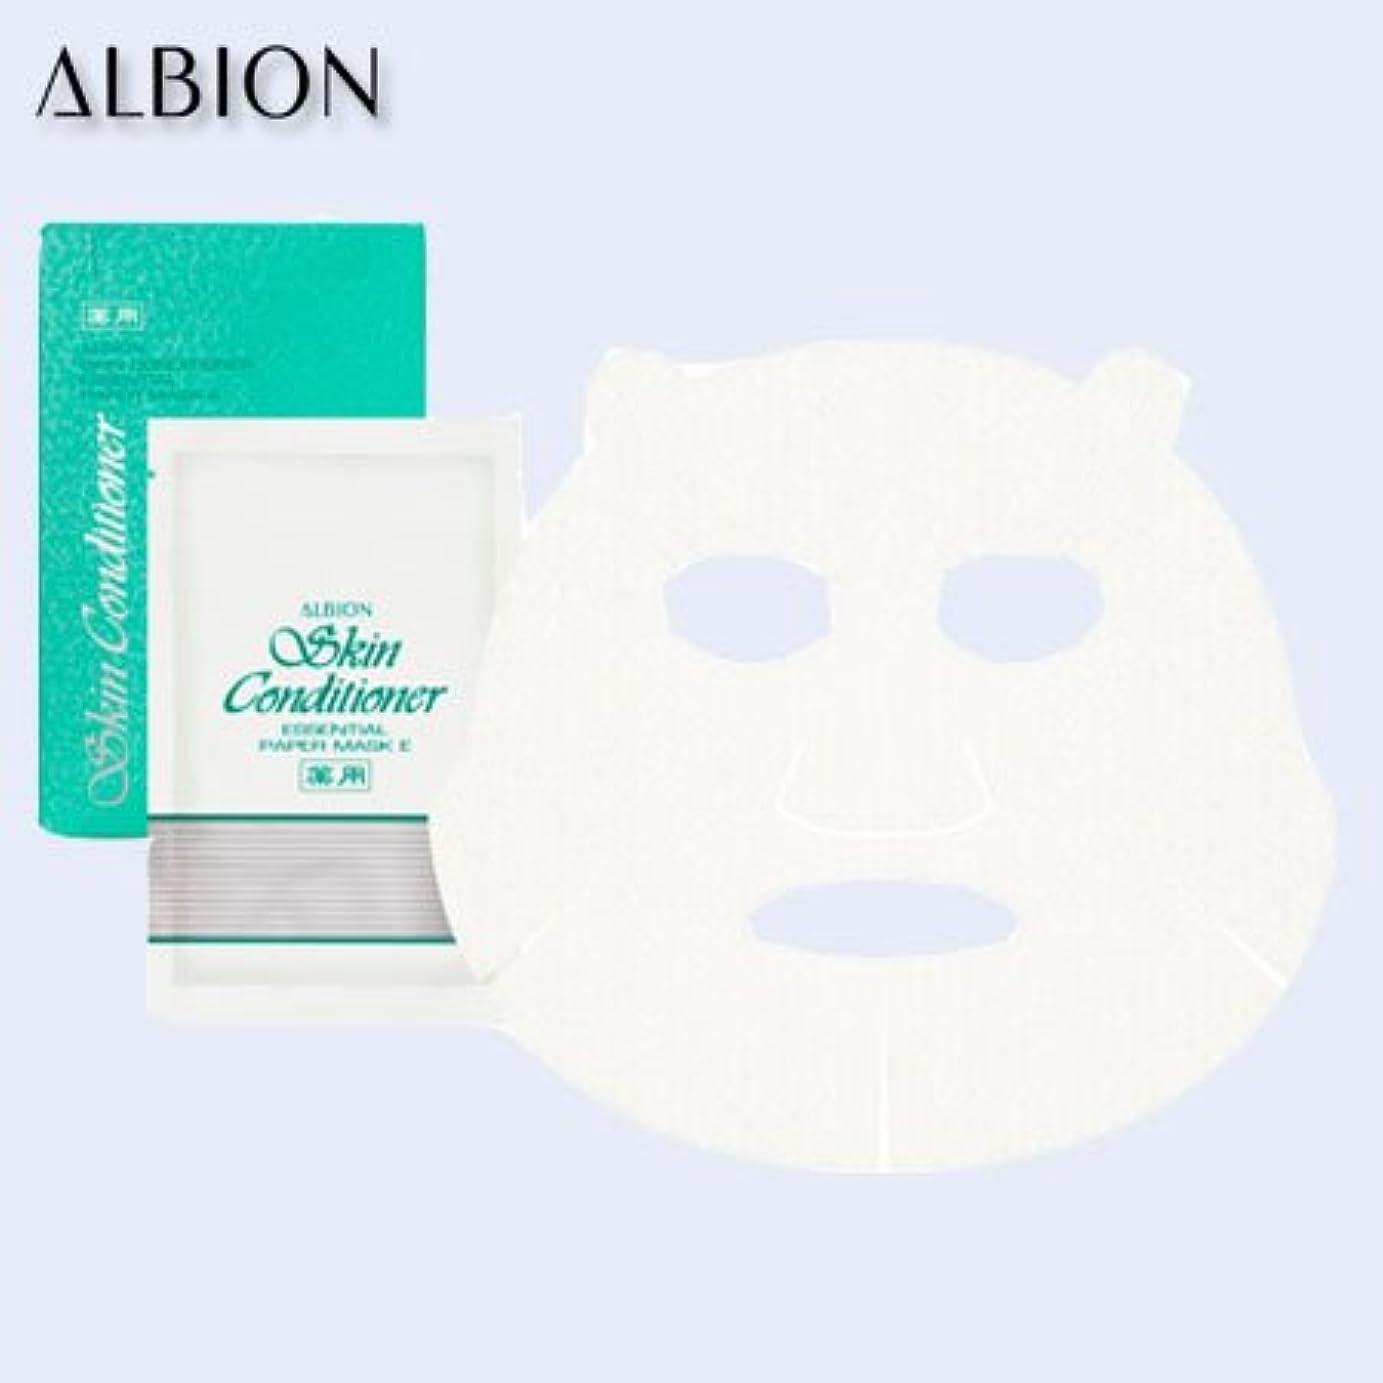 応じる小道平等アルビオン 薬用スキンコンディショナーエッセンシャルペーパーマスクE<医薬部外品>《12ml×8枚入》